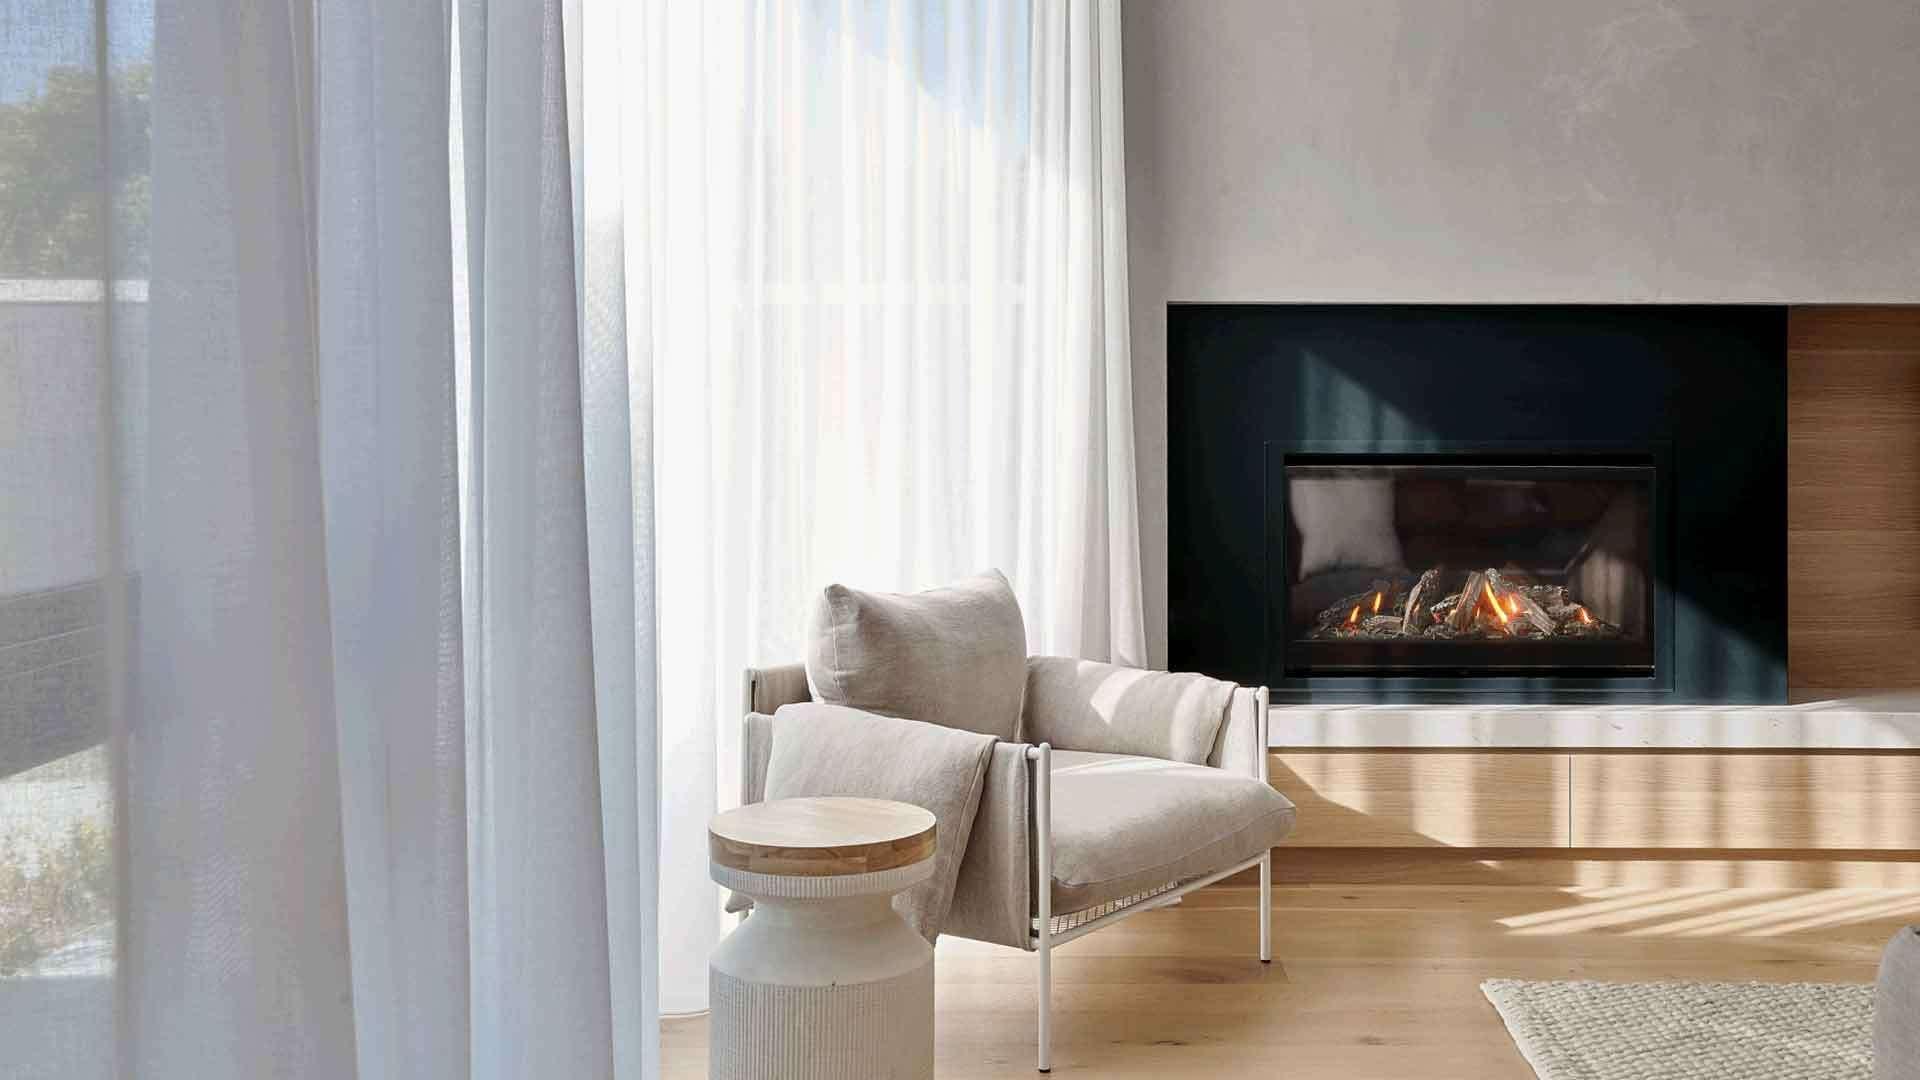 Escea DF960 indoor gas fireplace in modern room